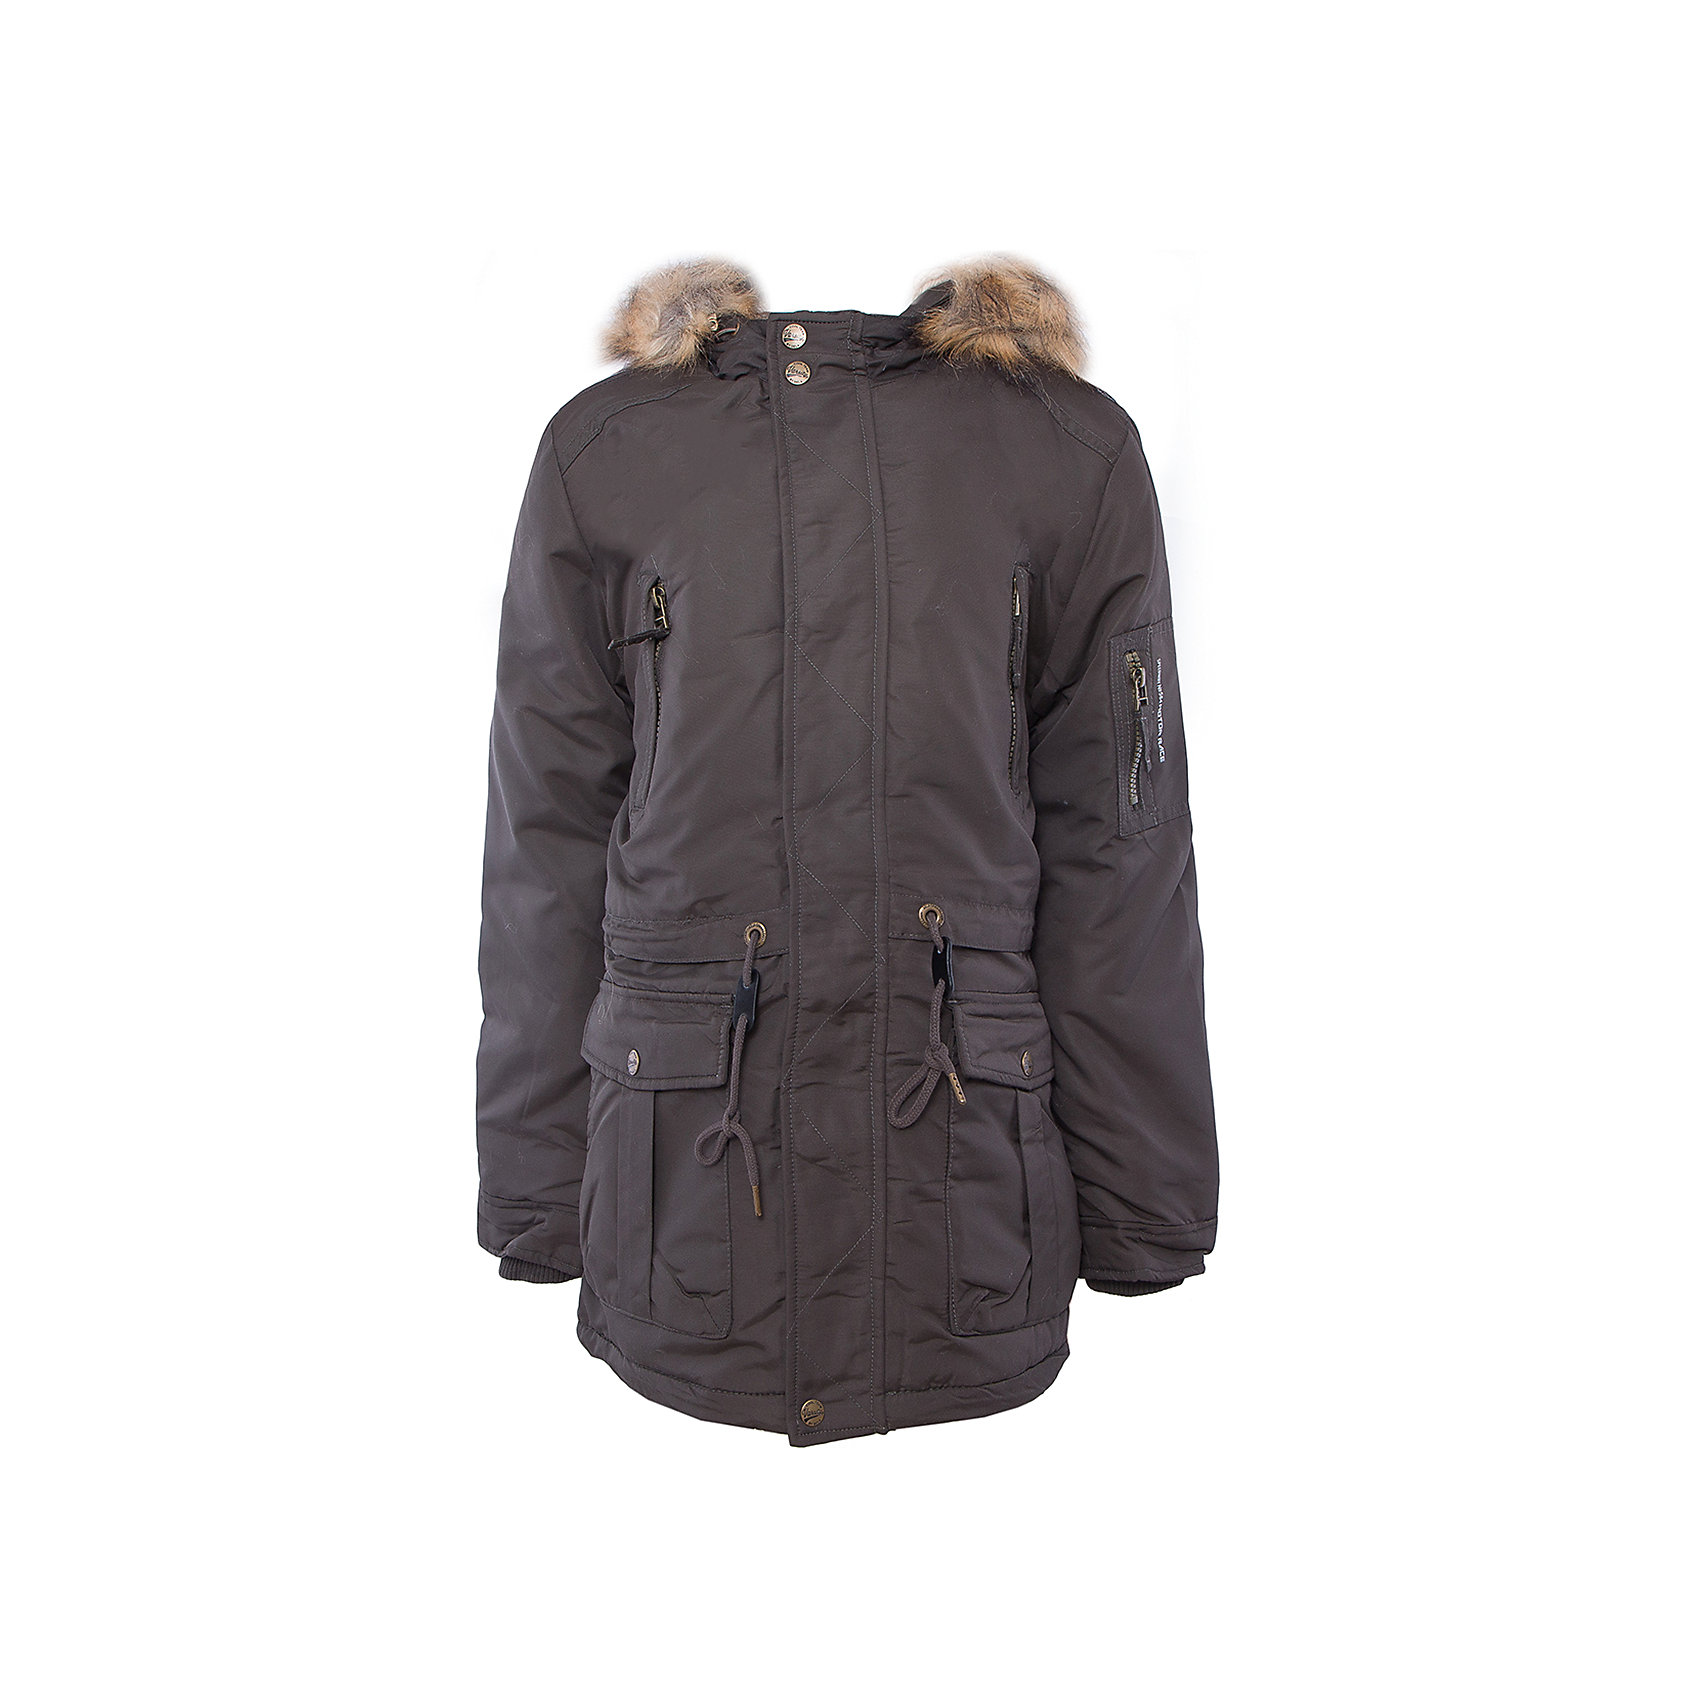 Пальто для мальчика SELAВерхняя одежда<br>Такое стильное пальто - незаменимая вещь в прохладное время года. Эта модель отлично сидит на ребенке, она сшита из плотного материала, позволяет гулять и заниматься активным отдыхом на свежем воздухе. Подкладка и утеплитель обеспечивают ребенку комфорт. Модель дополнена капюшоном, планкой от ветра, кулиской на талии, внутренними трикотажными манжетами и карманами.<br>Одежда от бренда Sela (Села) - это качество по приемлемым ценам. Многие российские родители уже оценили преимущества продукции этой компании и всё чаще приобретают одежду и аксессуары Sela.<br><br>Дополнительная информация:<br><br>материал: 100% нейлон; подкладка:100% ПЭ; утеплитель:100% ПЭ; мех:100% ПЭ;<br>капюшон с опушкой;<br>карманы;<br>кулиска на талии.<br><br>Пальто для мальчика от бренда Sela можно купить в нашем интернет-магазине.<br><br>Ширина мм: 356<br>Глубина мм: 10<br>Высота мм: 245<br>Вес г: 519<br>Цвет: зеленый<br>Возраст от месяцев: 132<br>Возраст до месяцев: 144<br>Пол: Мужской<br>Возраст: Детский<br>Размер: 152,116,128,140<br>SKU: 5007989